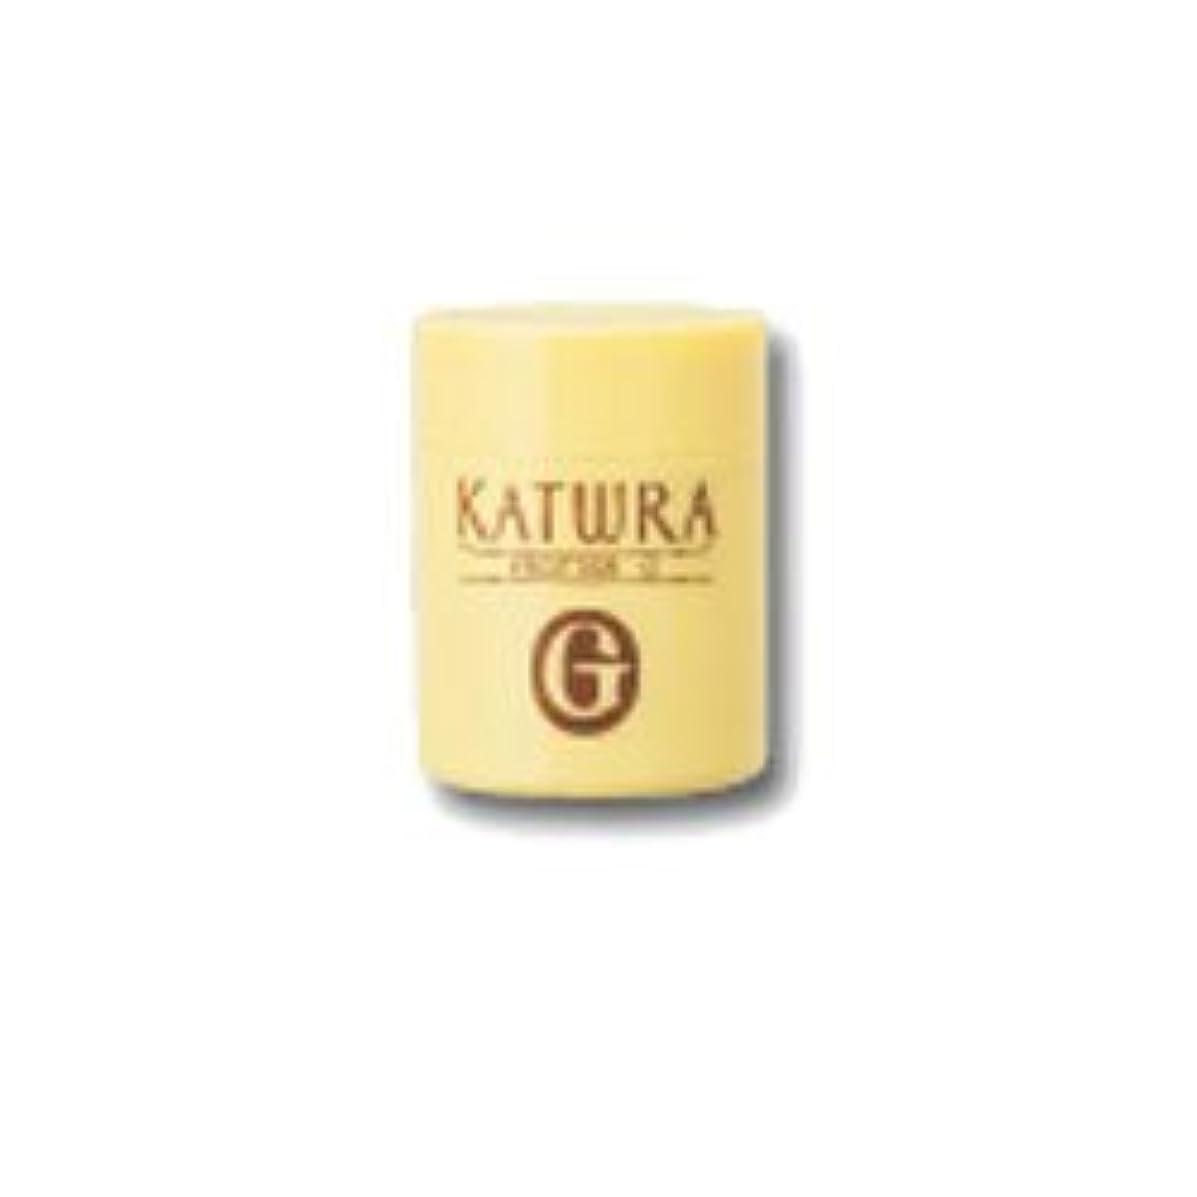 【カツウラ化粧品】カツウラ?フローテG 220g ×10個セット